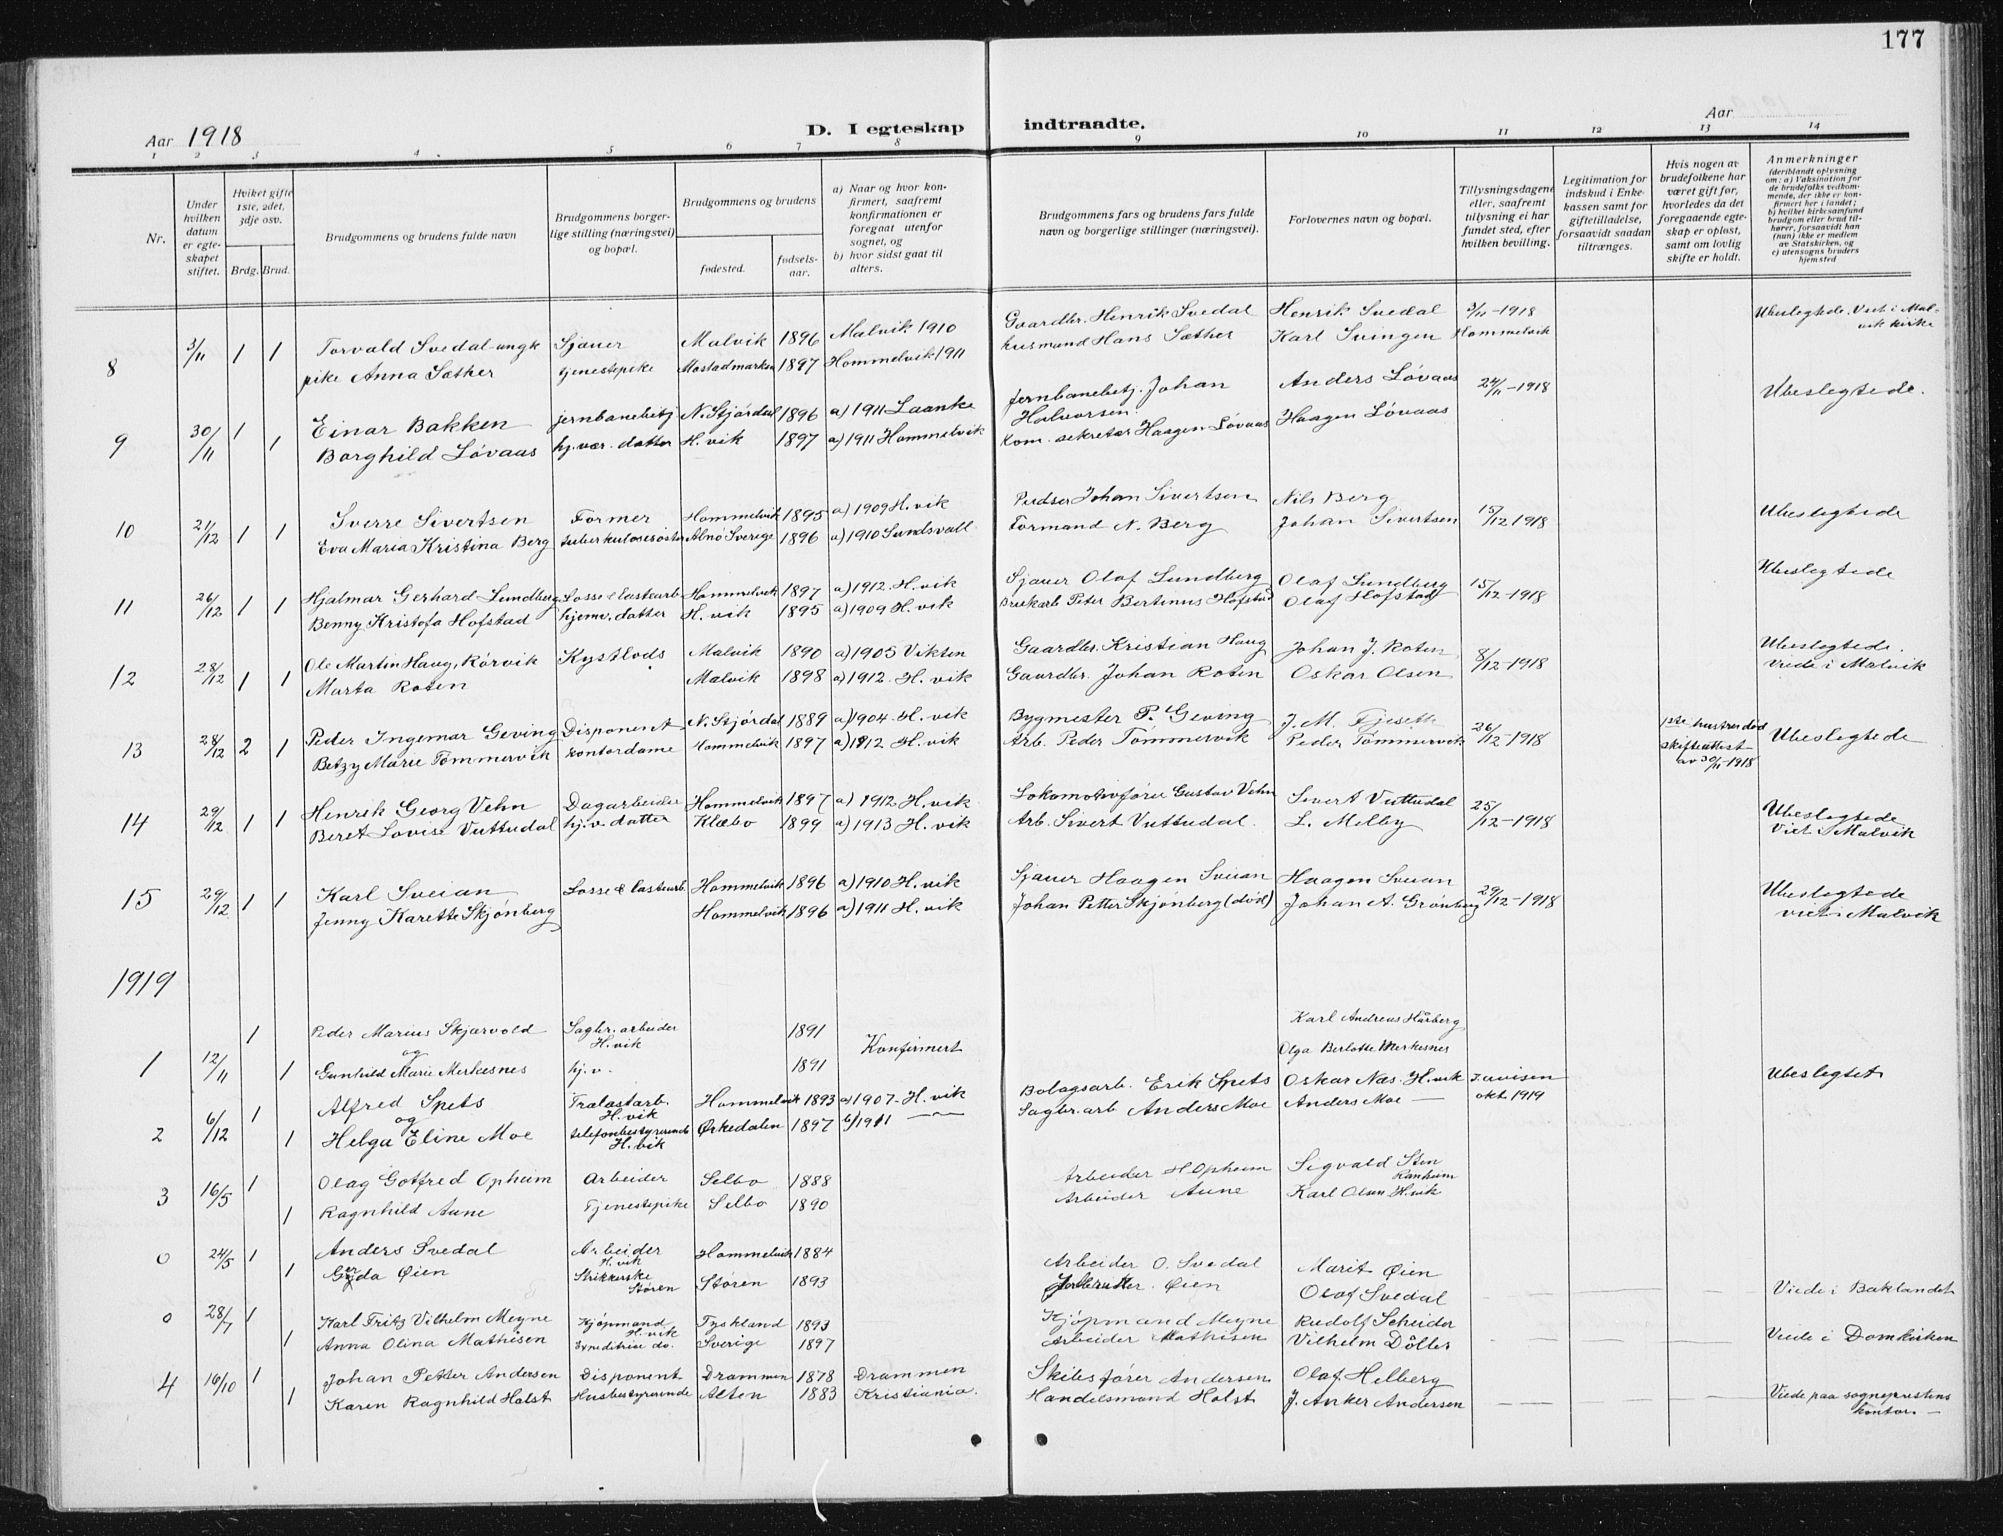 SAT, Ministerialprotokoller, klokkerbøker og fødselsregistre - Sør-Trøndelag, 617/L0431: Klokkerbok nr. 617C02, 1910-1936, s. 177